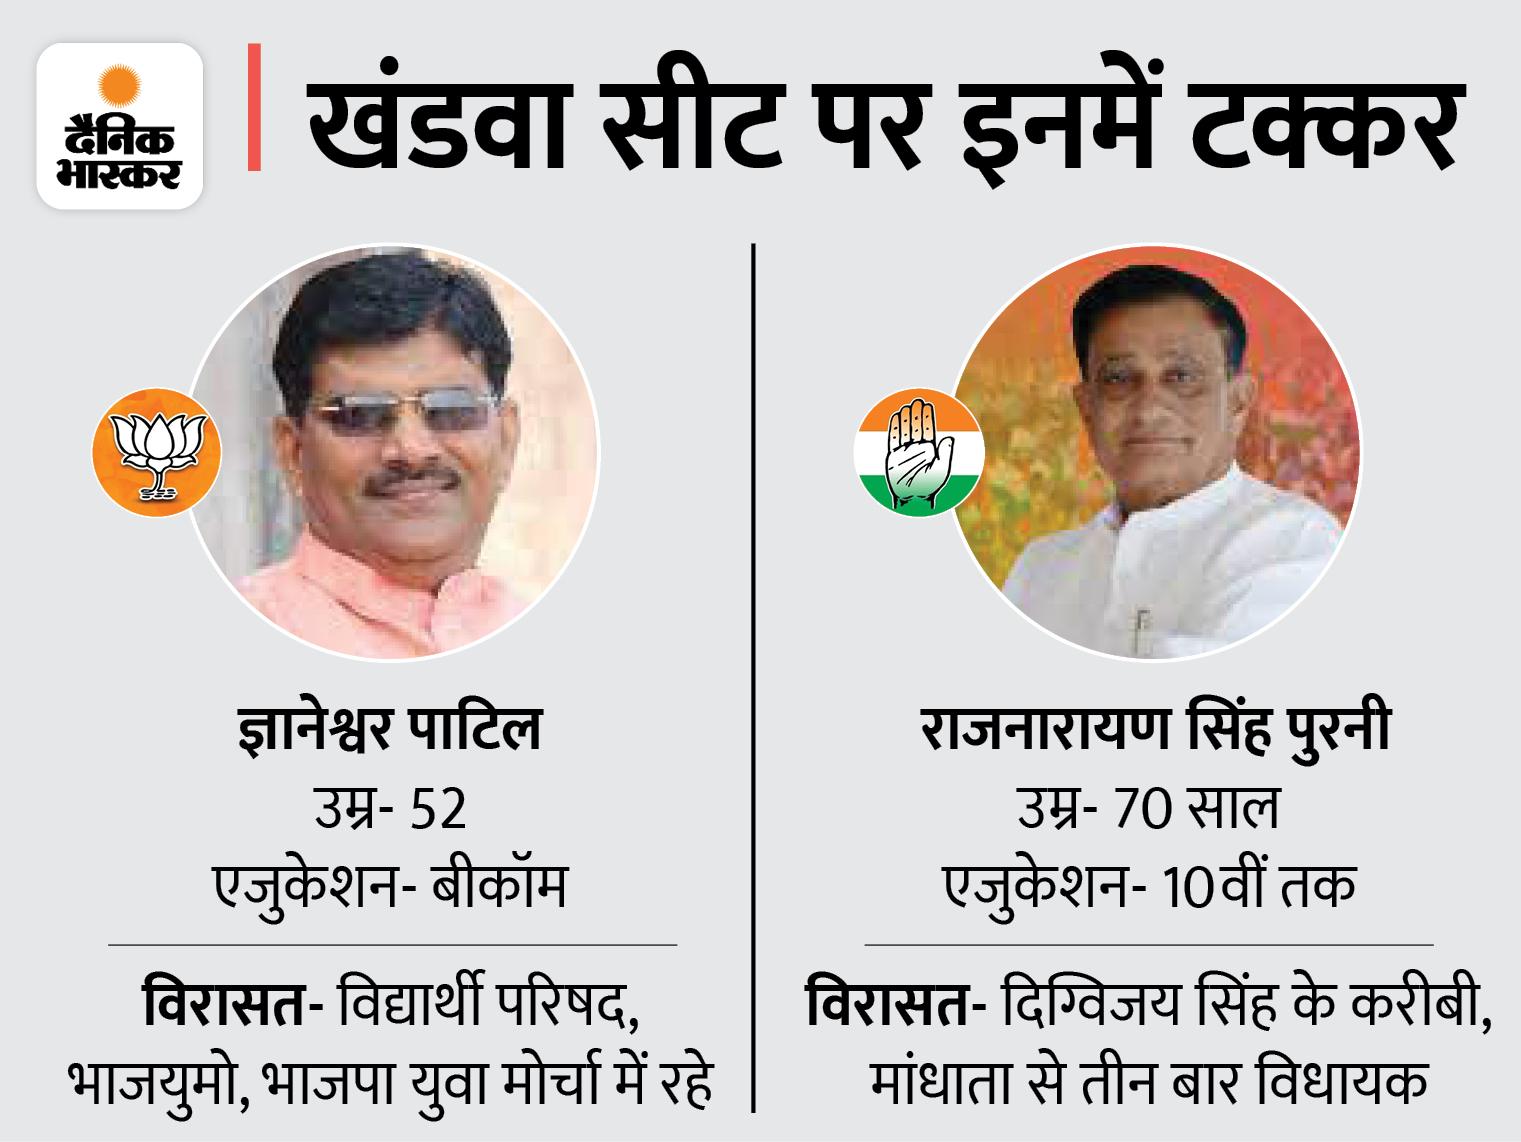 खंडवा से कांग्रेस के राजनारायण पुरनी के सामने भाजपा के ज्ञानेश्वर पाटिल, रैगांव से दोनों महिला प्रत्याशियों में टक्कर|मध्य प्रदेश,Madhya Pradesh - Dainik Bhaskar